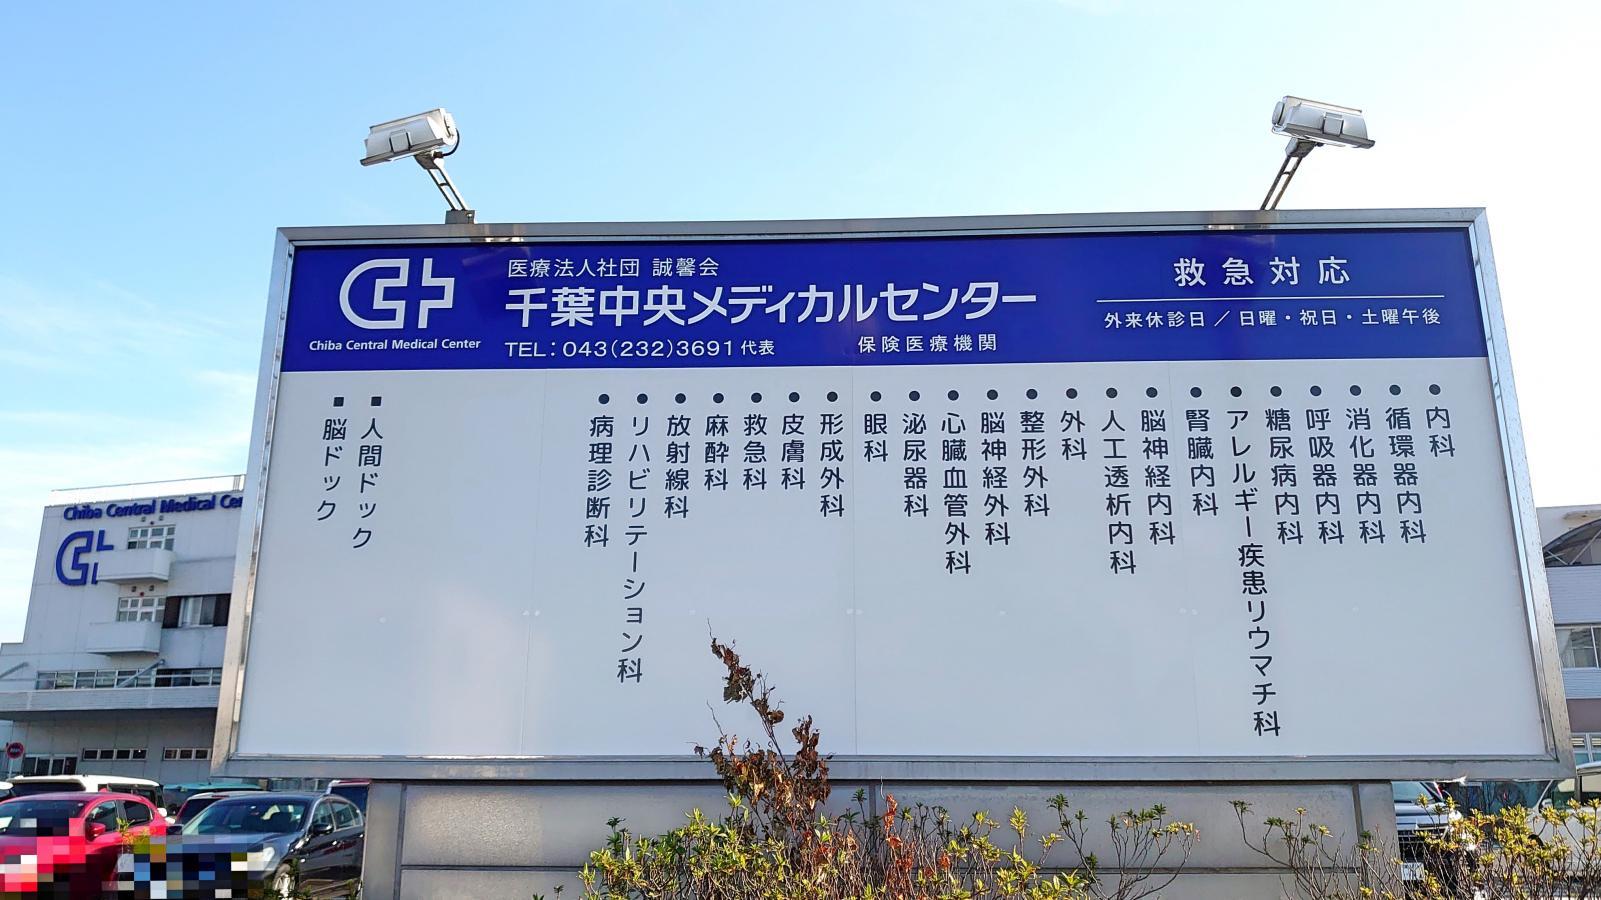 中央 メディカル センター 千葉